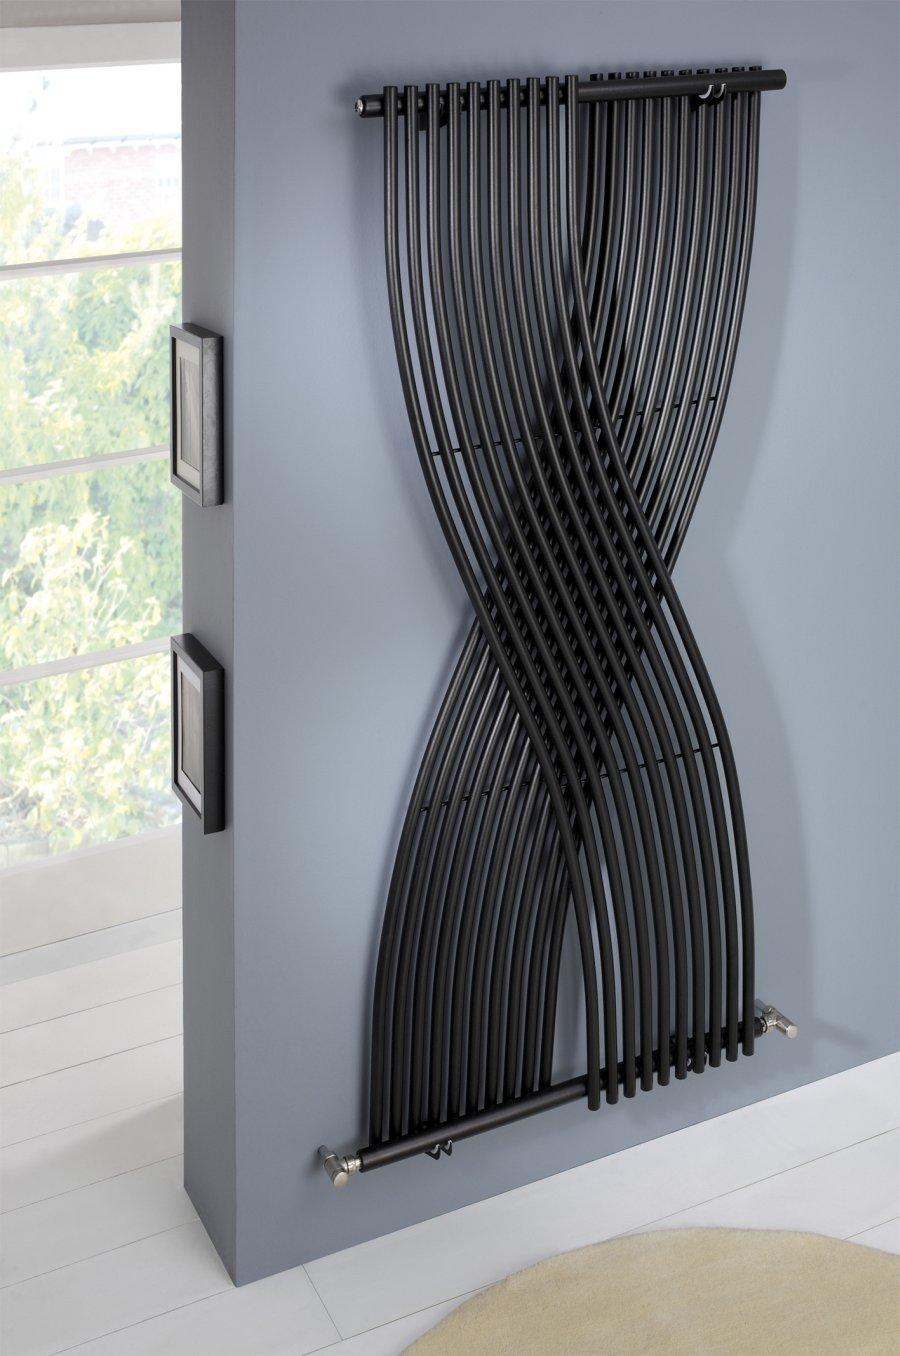 Настенный радиатор оригинального дизайна